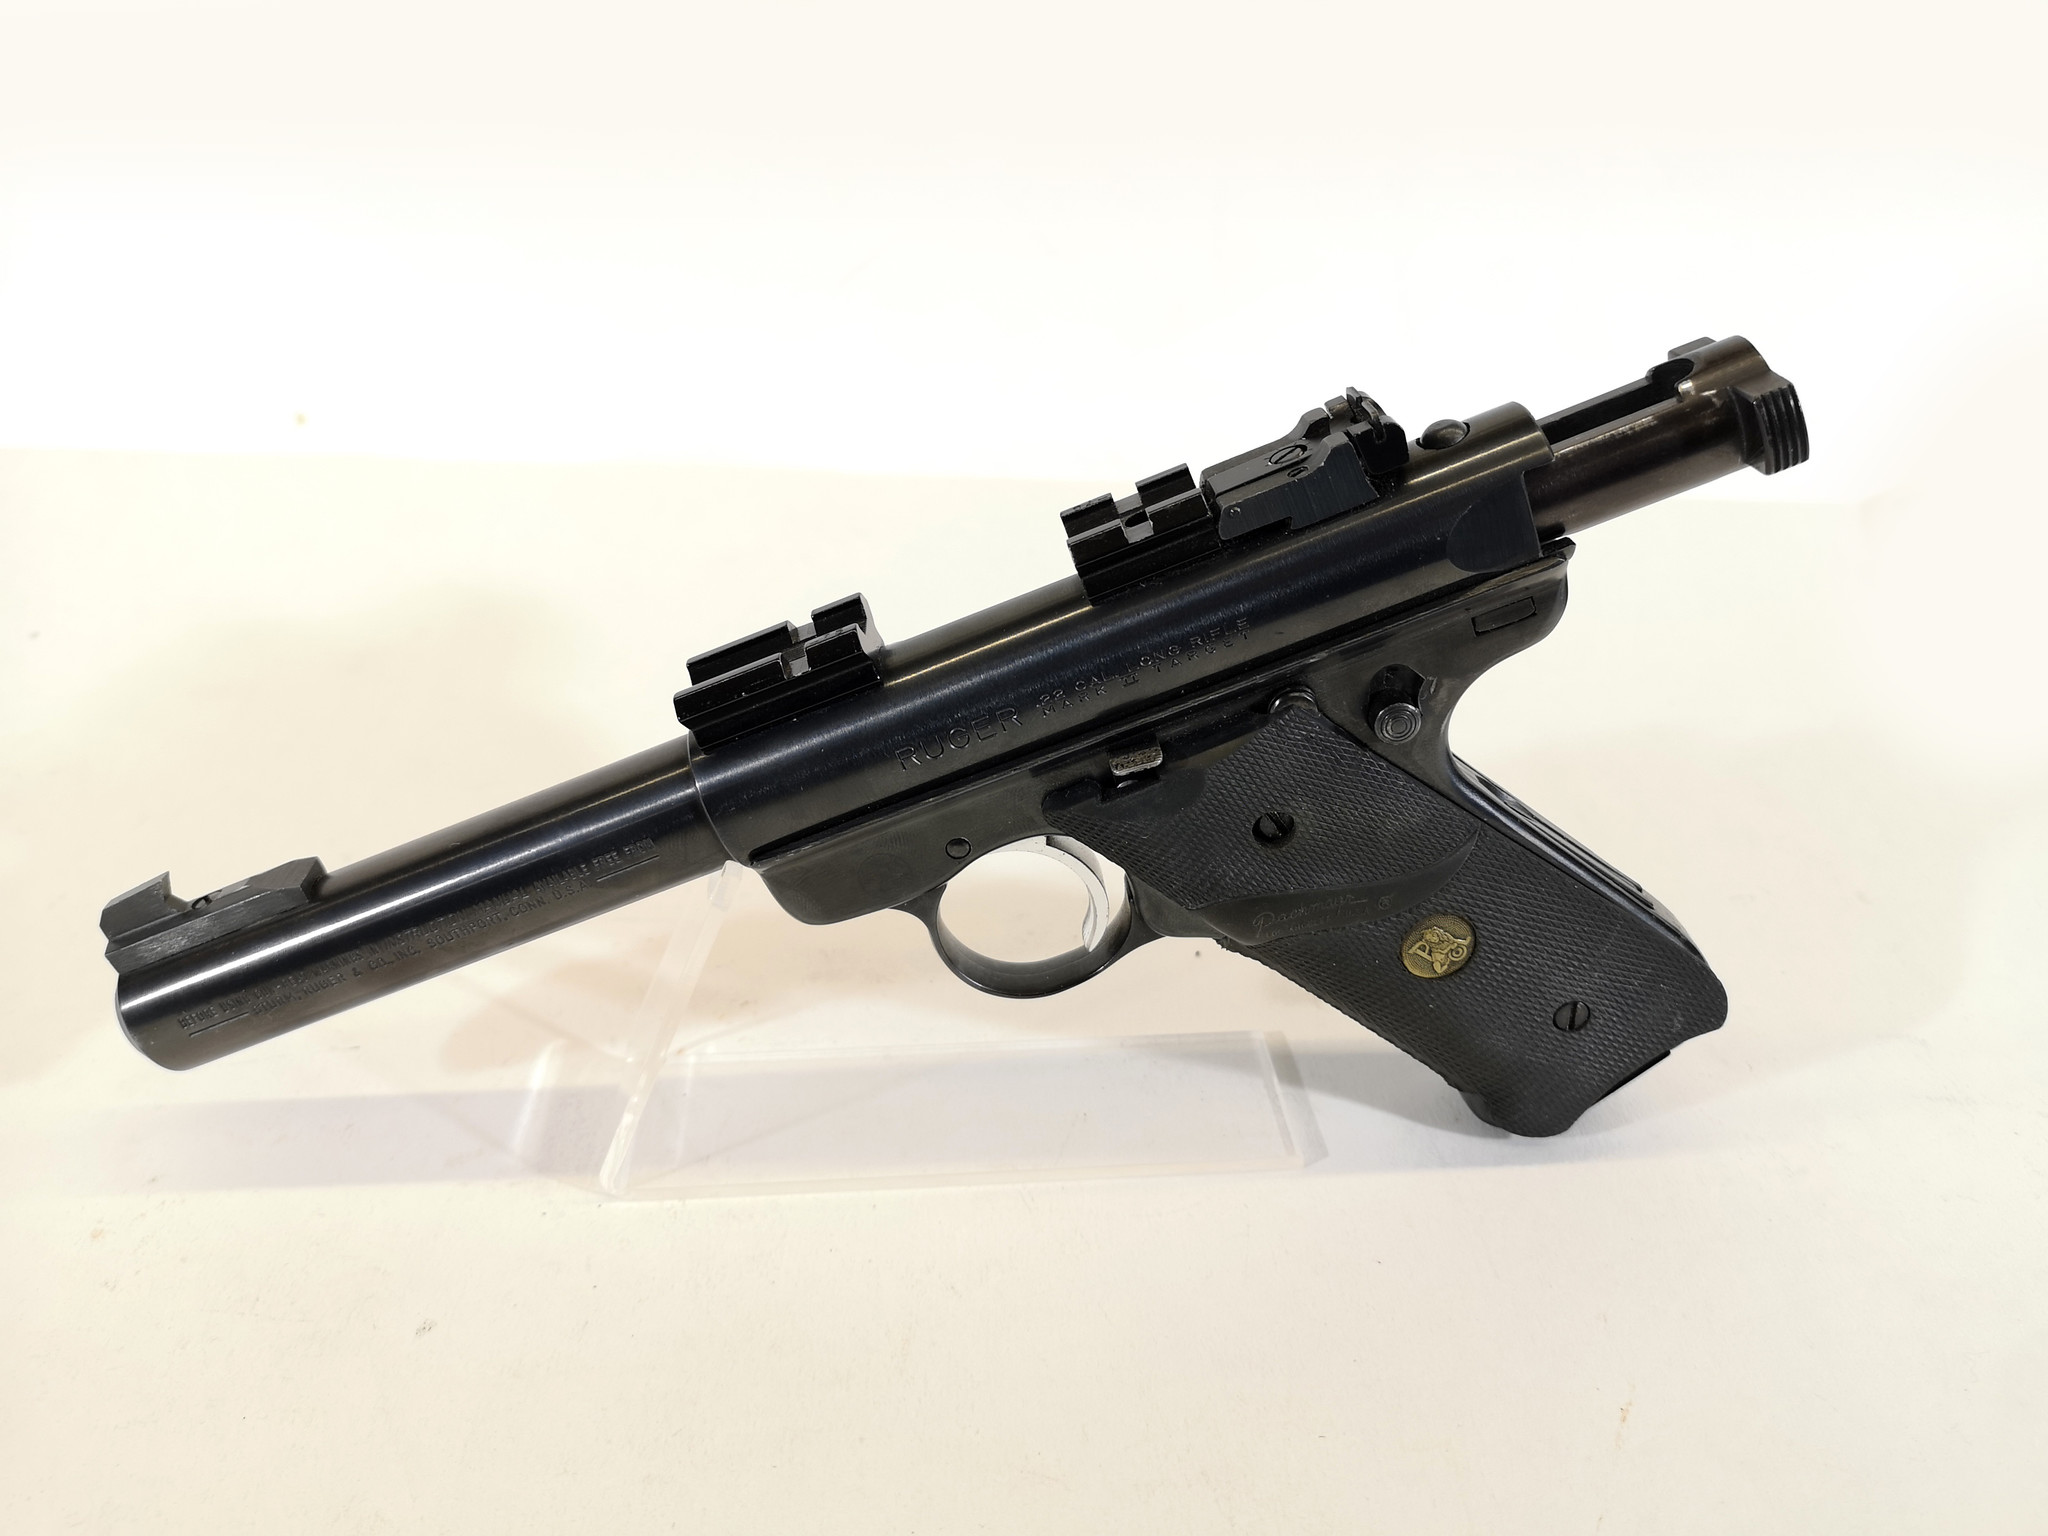 UHG-6476 USED Ruger MK-II .22LR 1 Magazine w/ Optic Base